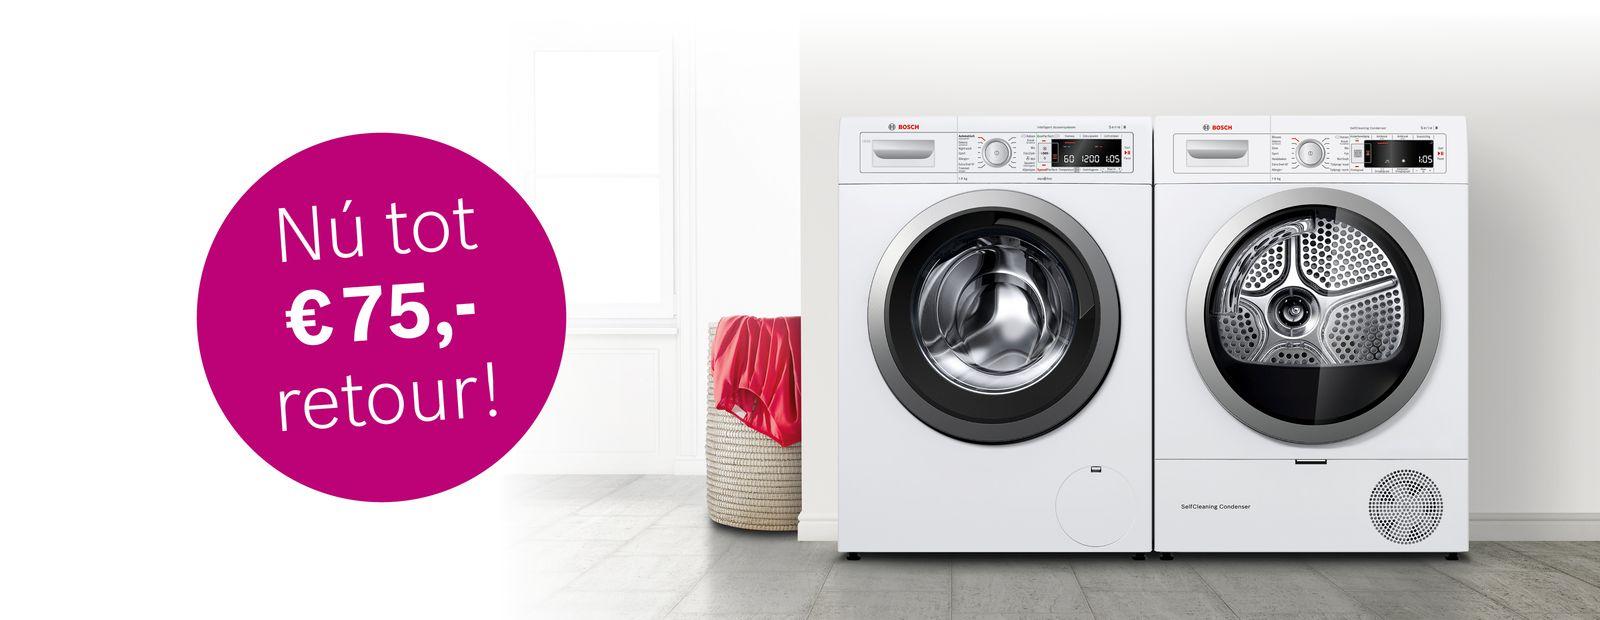 €50,- tot €75,- retour op wasmachines en wasdrogers van Bosch